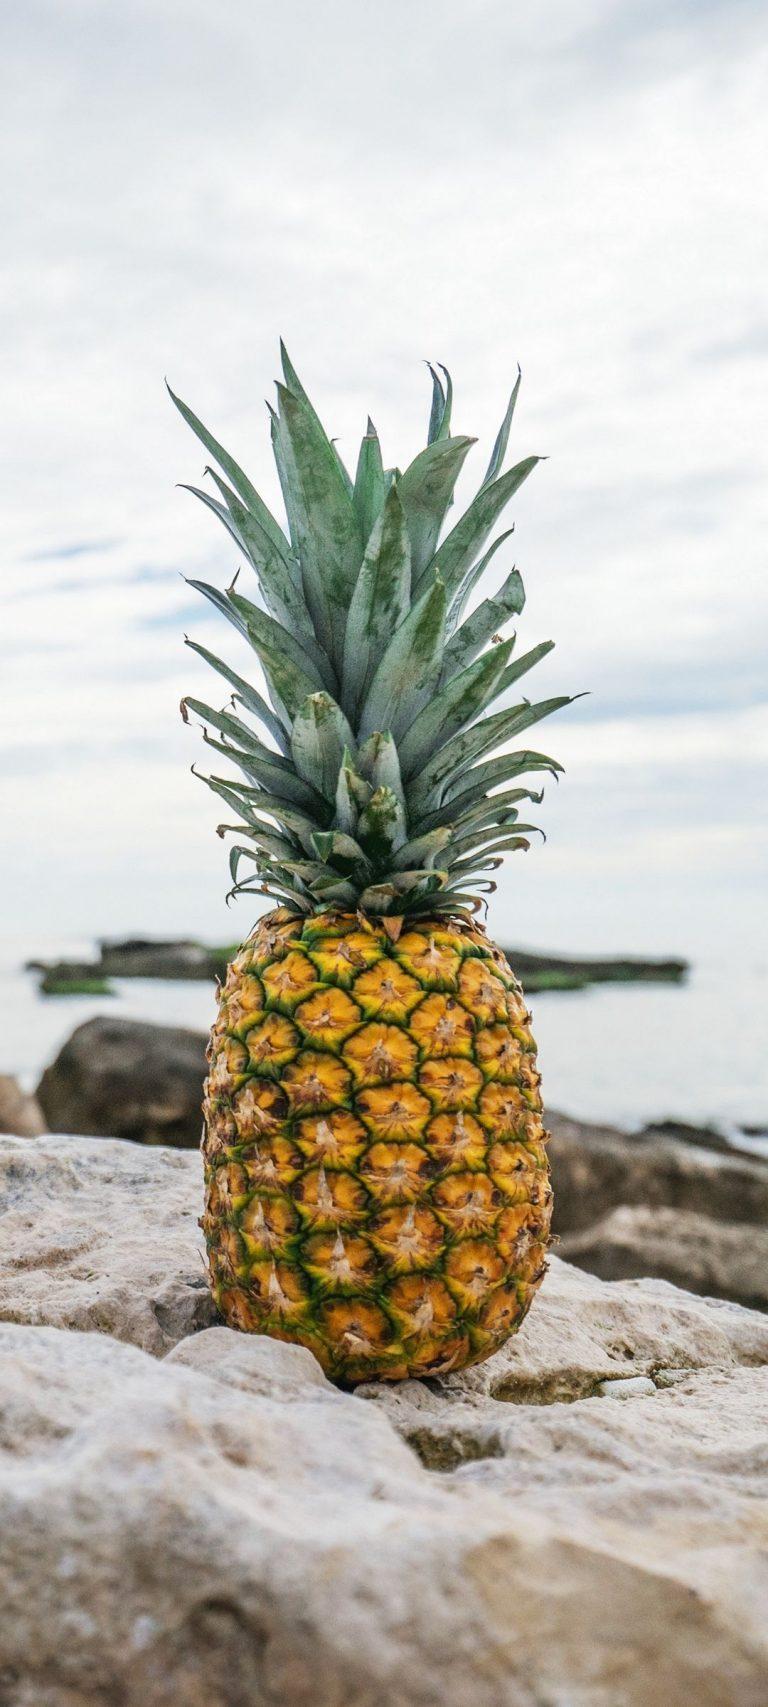 Pineapple Rocks Beach 1080x2400 768x1707